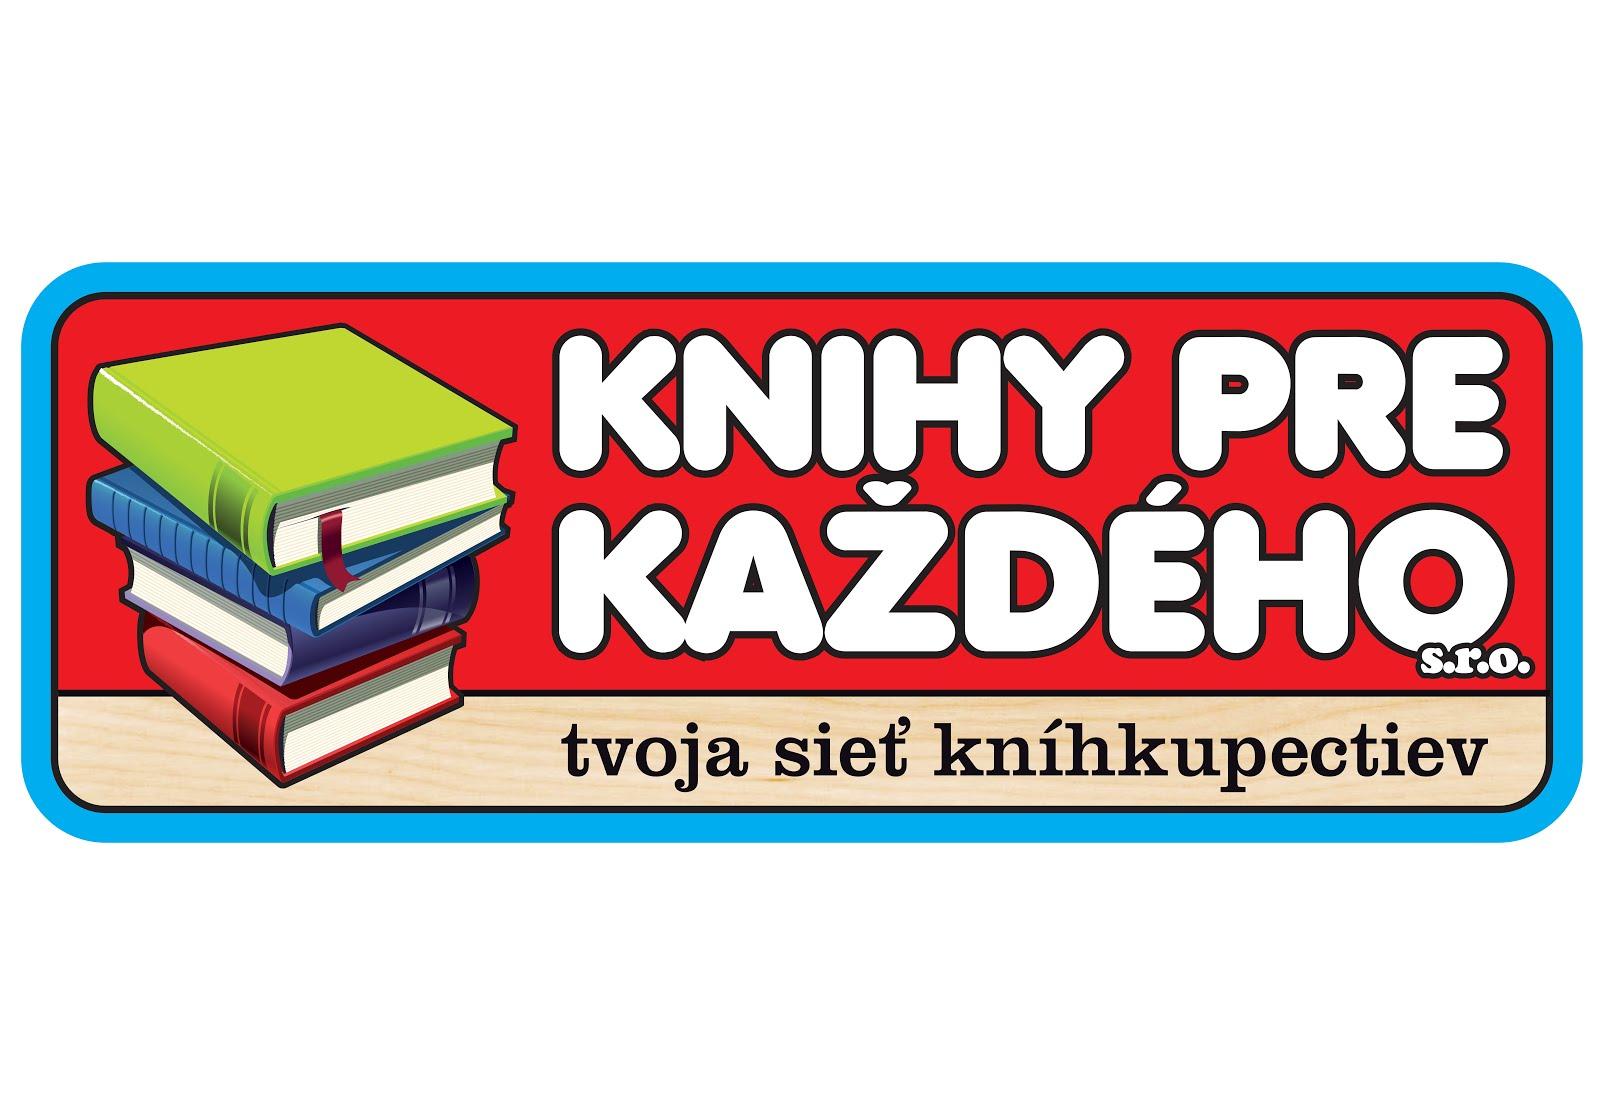 knihyprekazdeho.sk